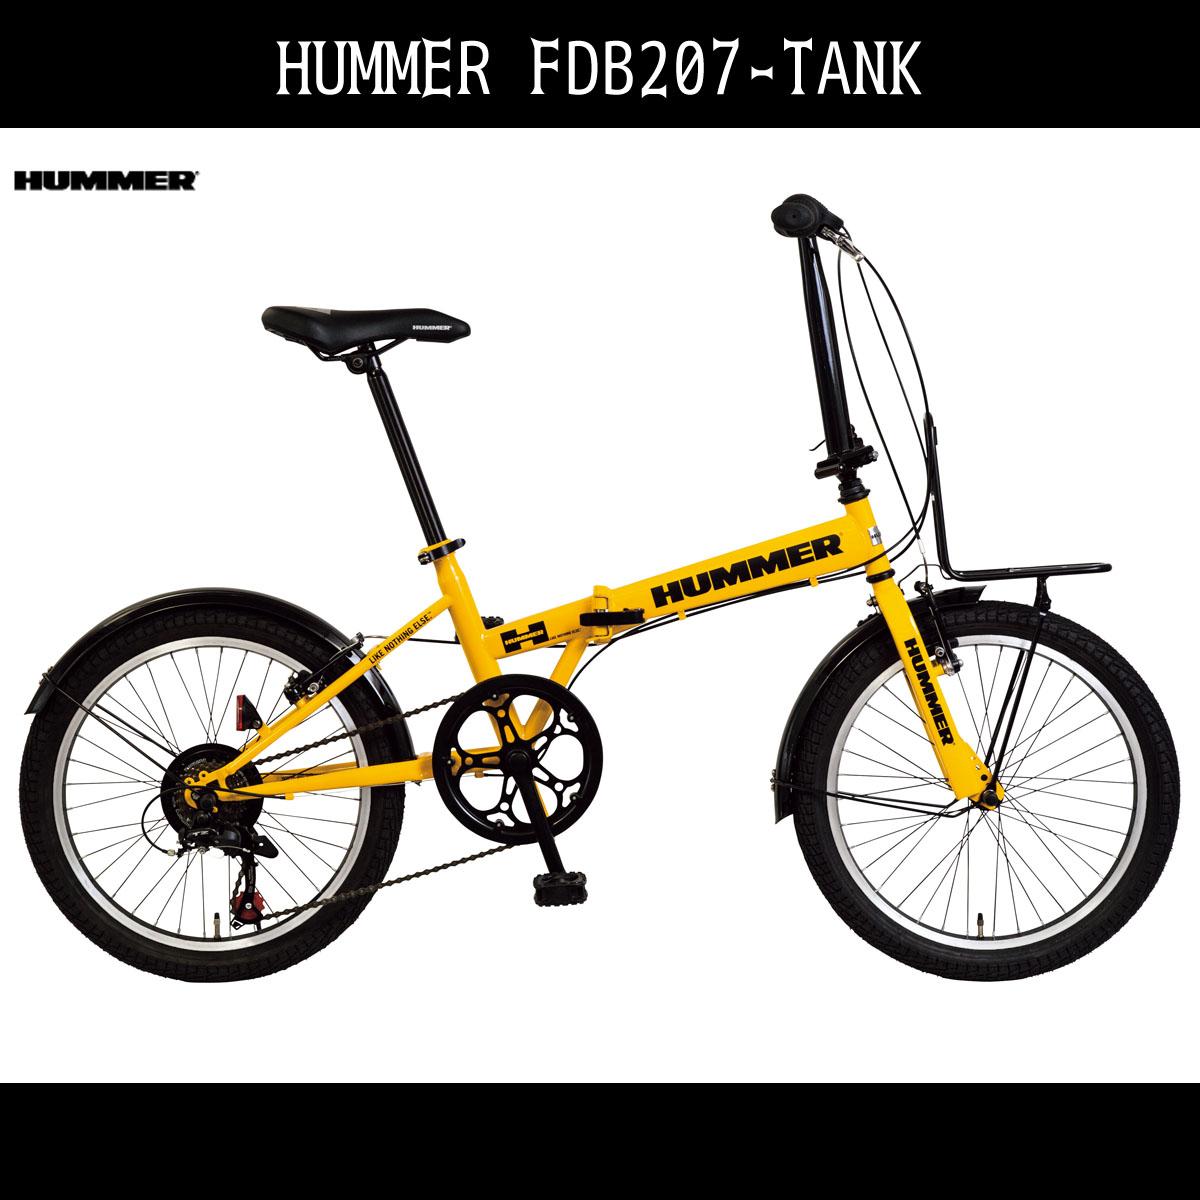 折りたたみ自転車 ハマー HUMMER 自転車 イエロー 黄色20インチ 折りたたみ自転車 外装7段変速ギア ハマー 折りたたみ自転車 FDB207 TANK 変速付き 通販 おしゃれ